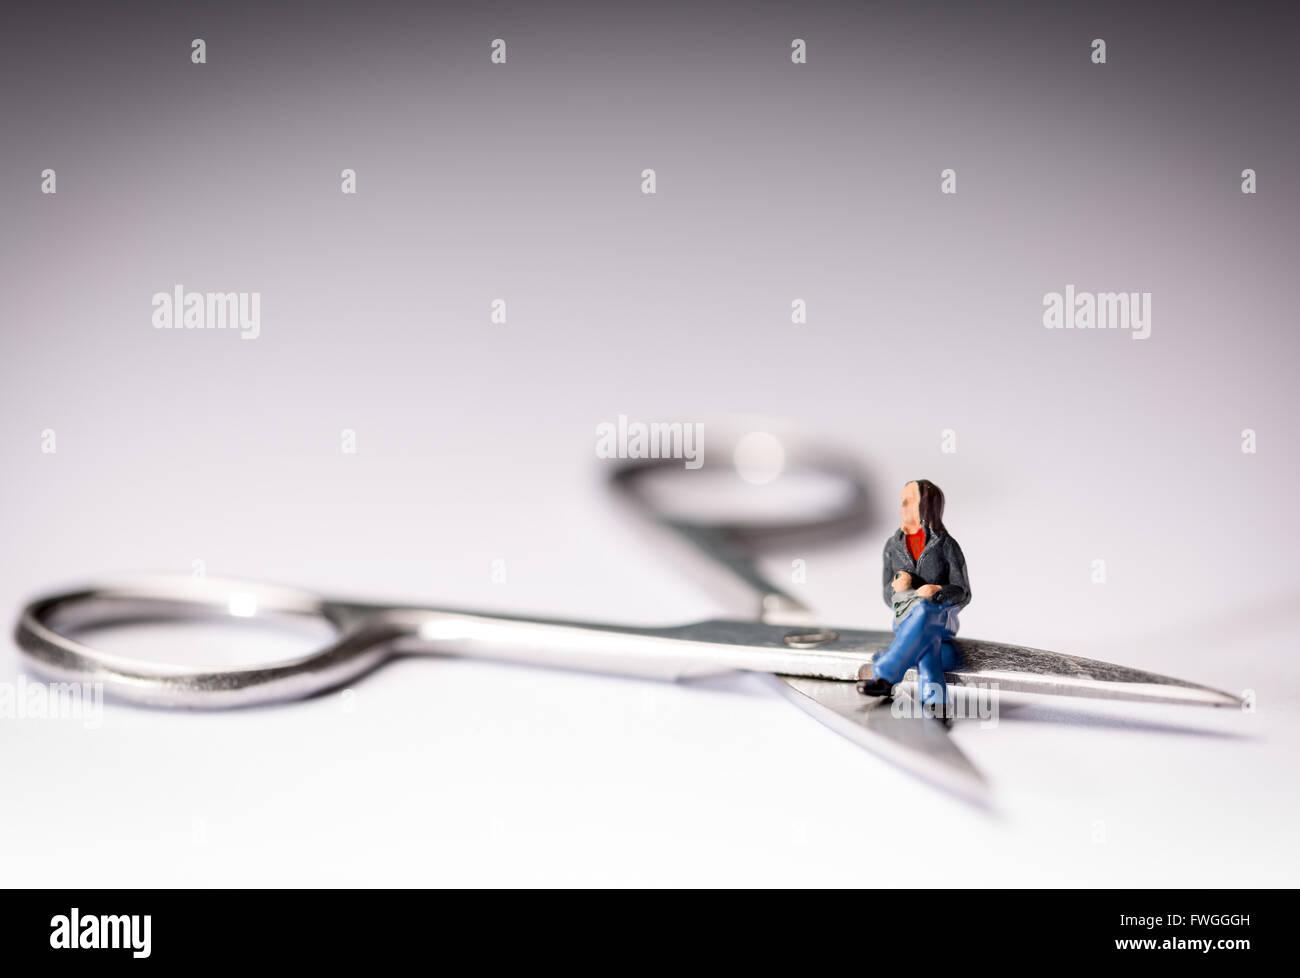 Concetto di vasectomia immagine di una miniatura figura sat zampe trasversale su un paio di forbici Immagini Stock